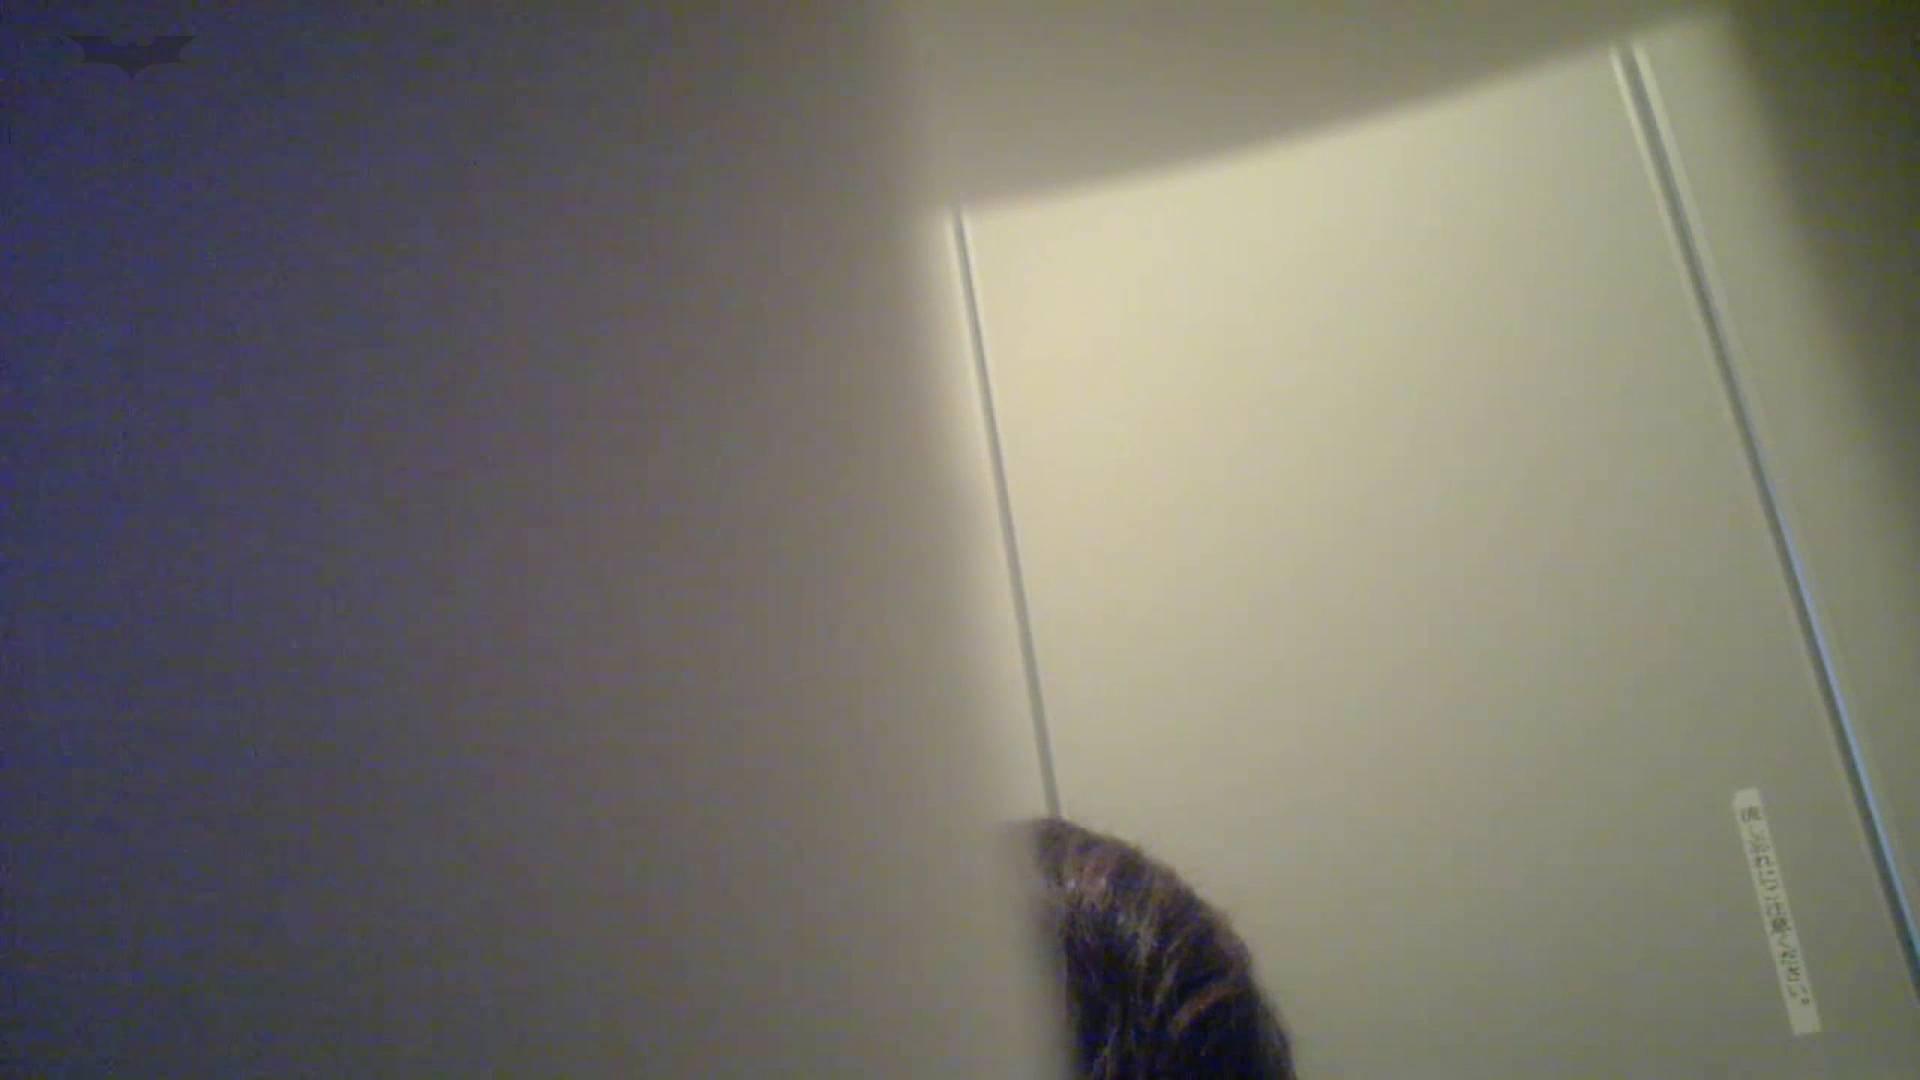 有名大学女性洗面所 vol.48 おっ、脱いじゃう感じだっ!!しかも粒ぞろい 胸チラ・のぞき オメコ動画キャプチャ 106枚 18